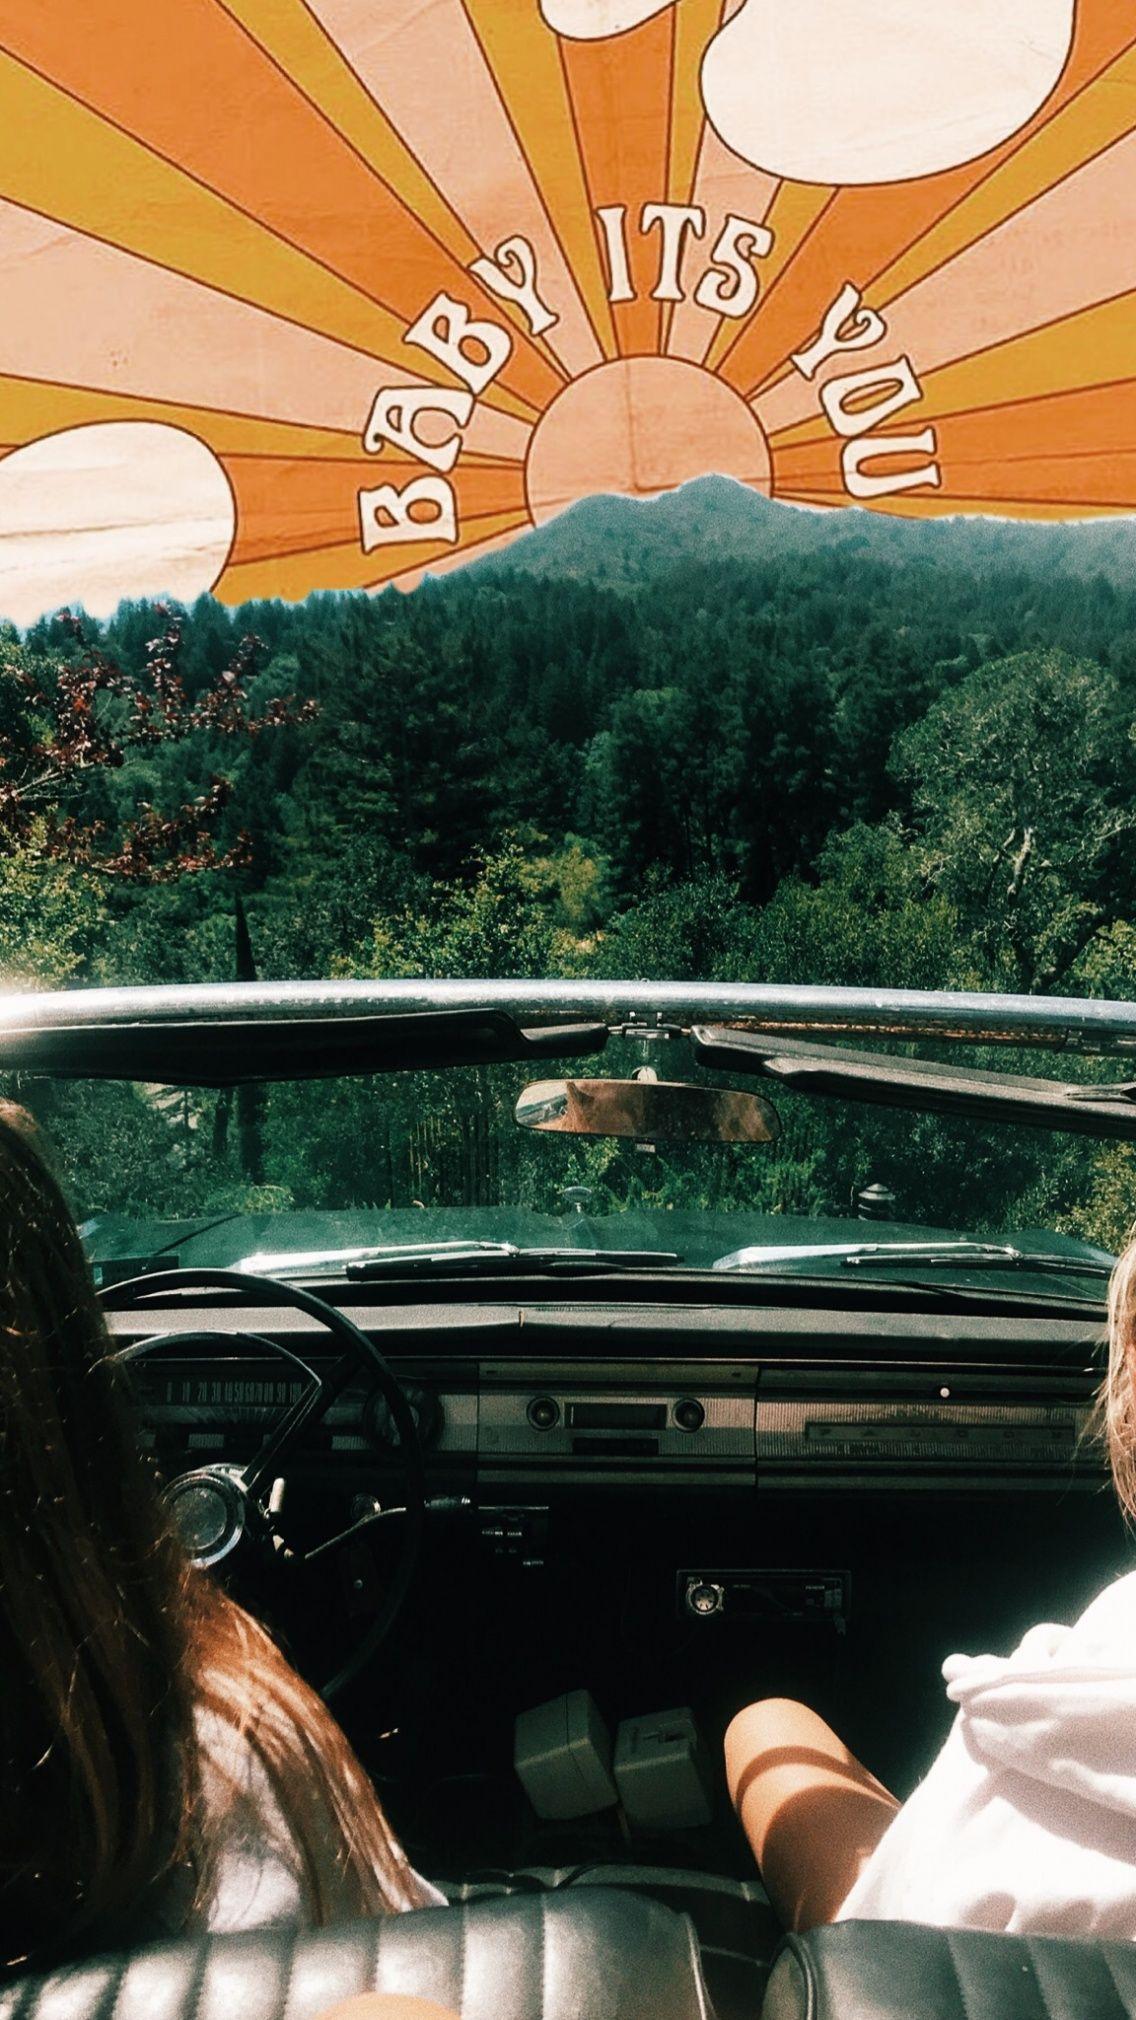 vsco nature 70saesthetic 70s 70s aesthetic